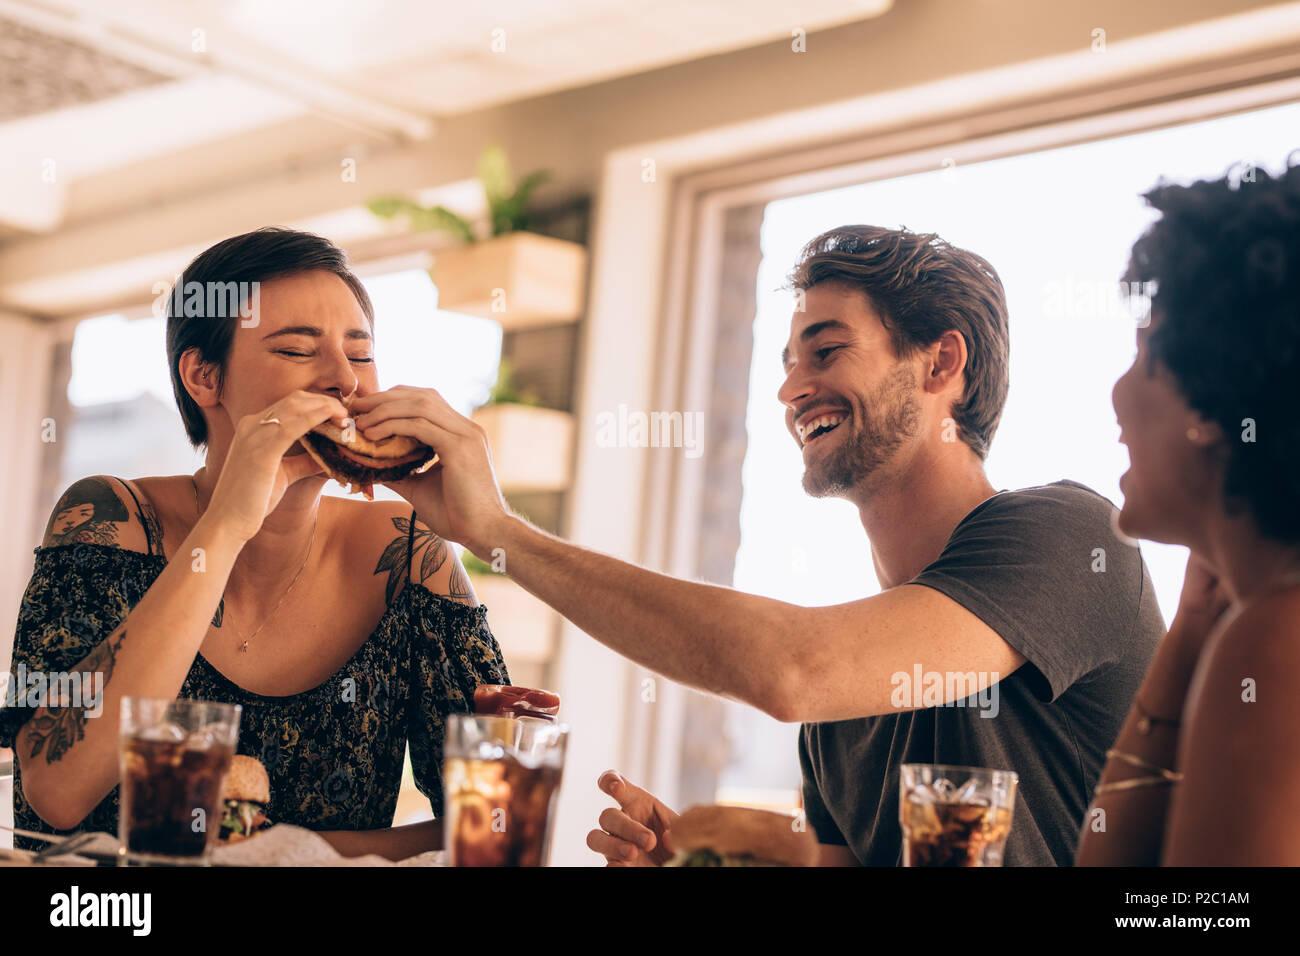 Frau nimmt einen Bissen von Freunden Burger Restaurant. Gruppe von Jugendlichen in Essen in einem Restaurant. Stockbild